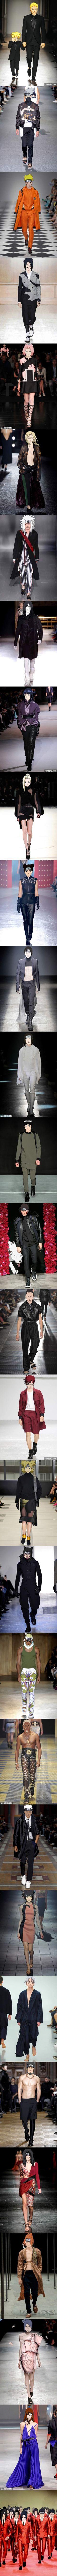 Naruto Fashion Show